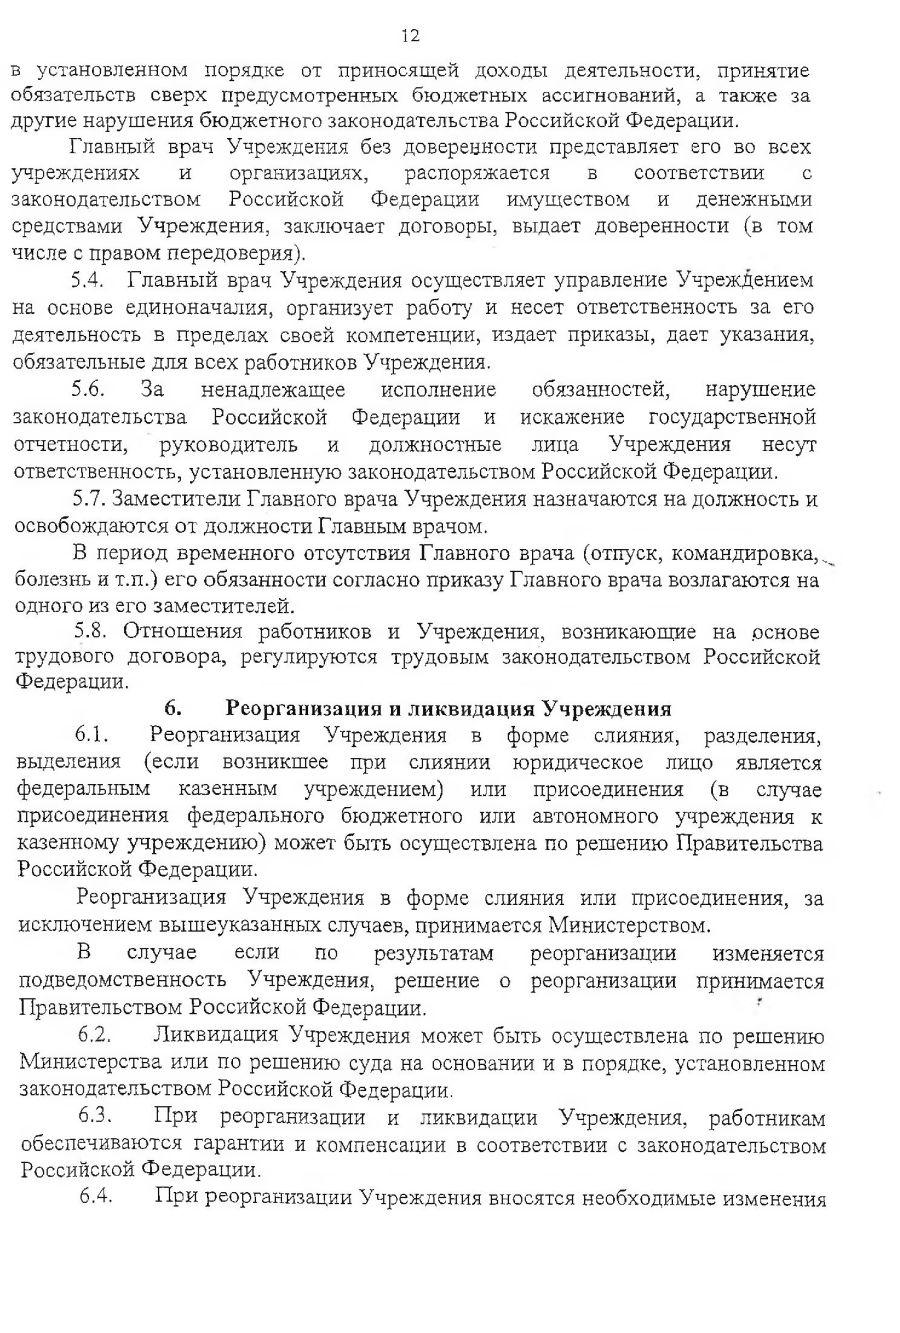 УставУчреждения_00013